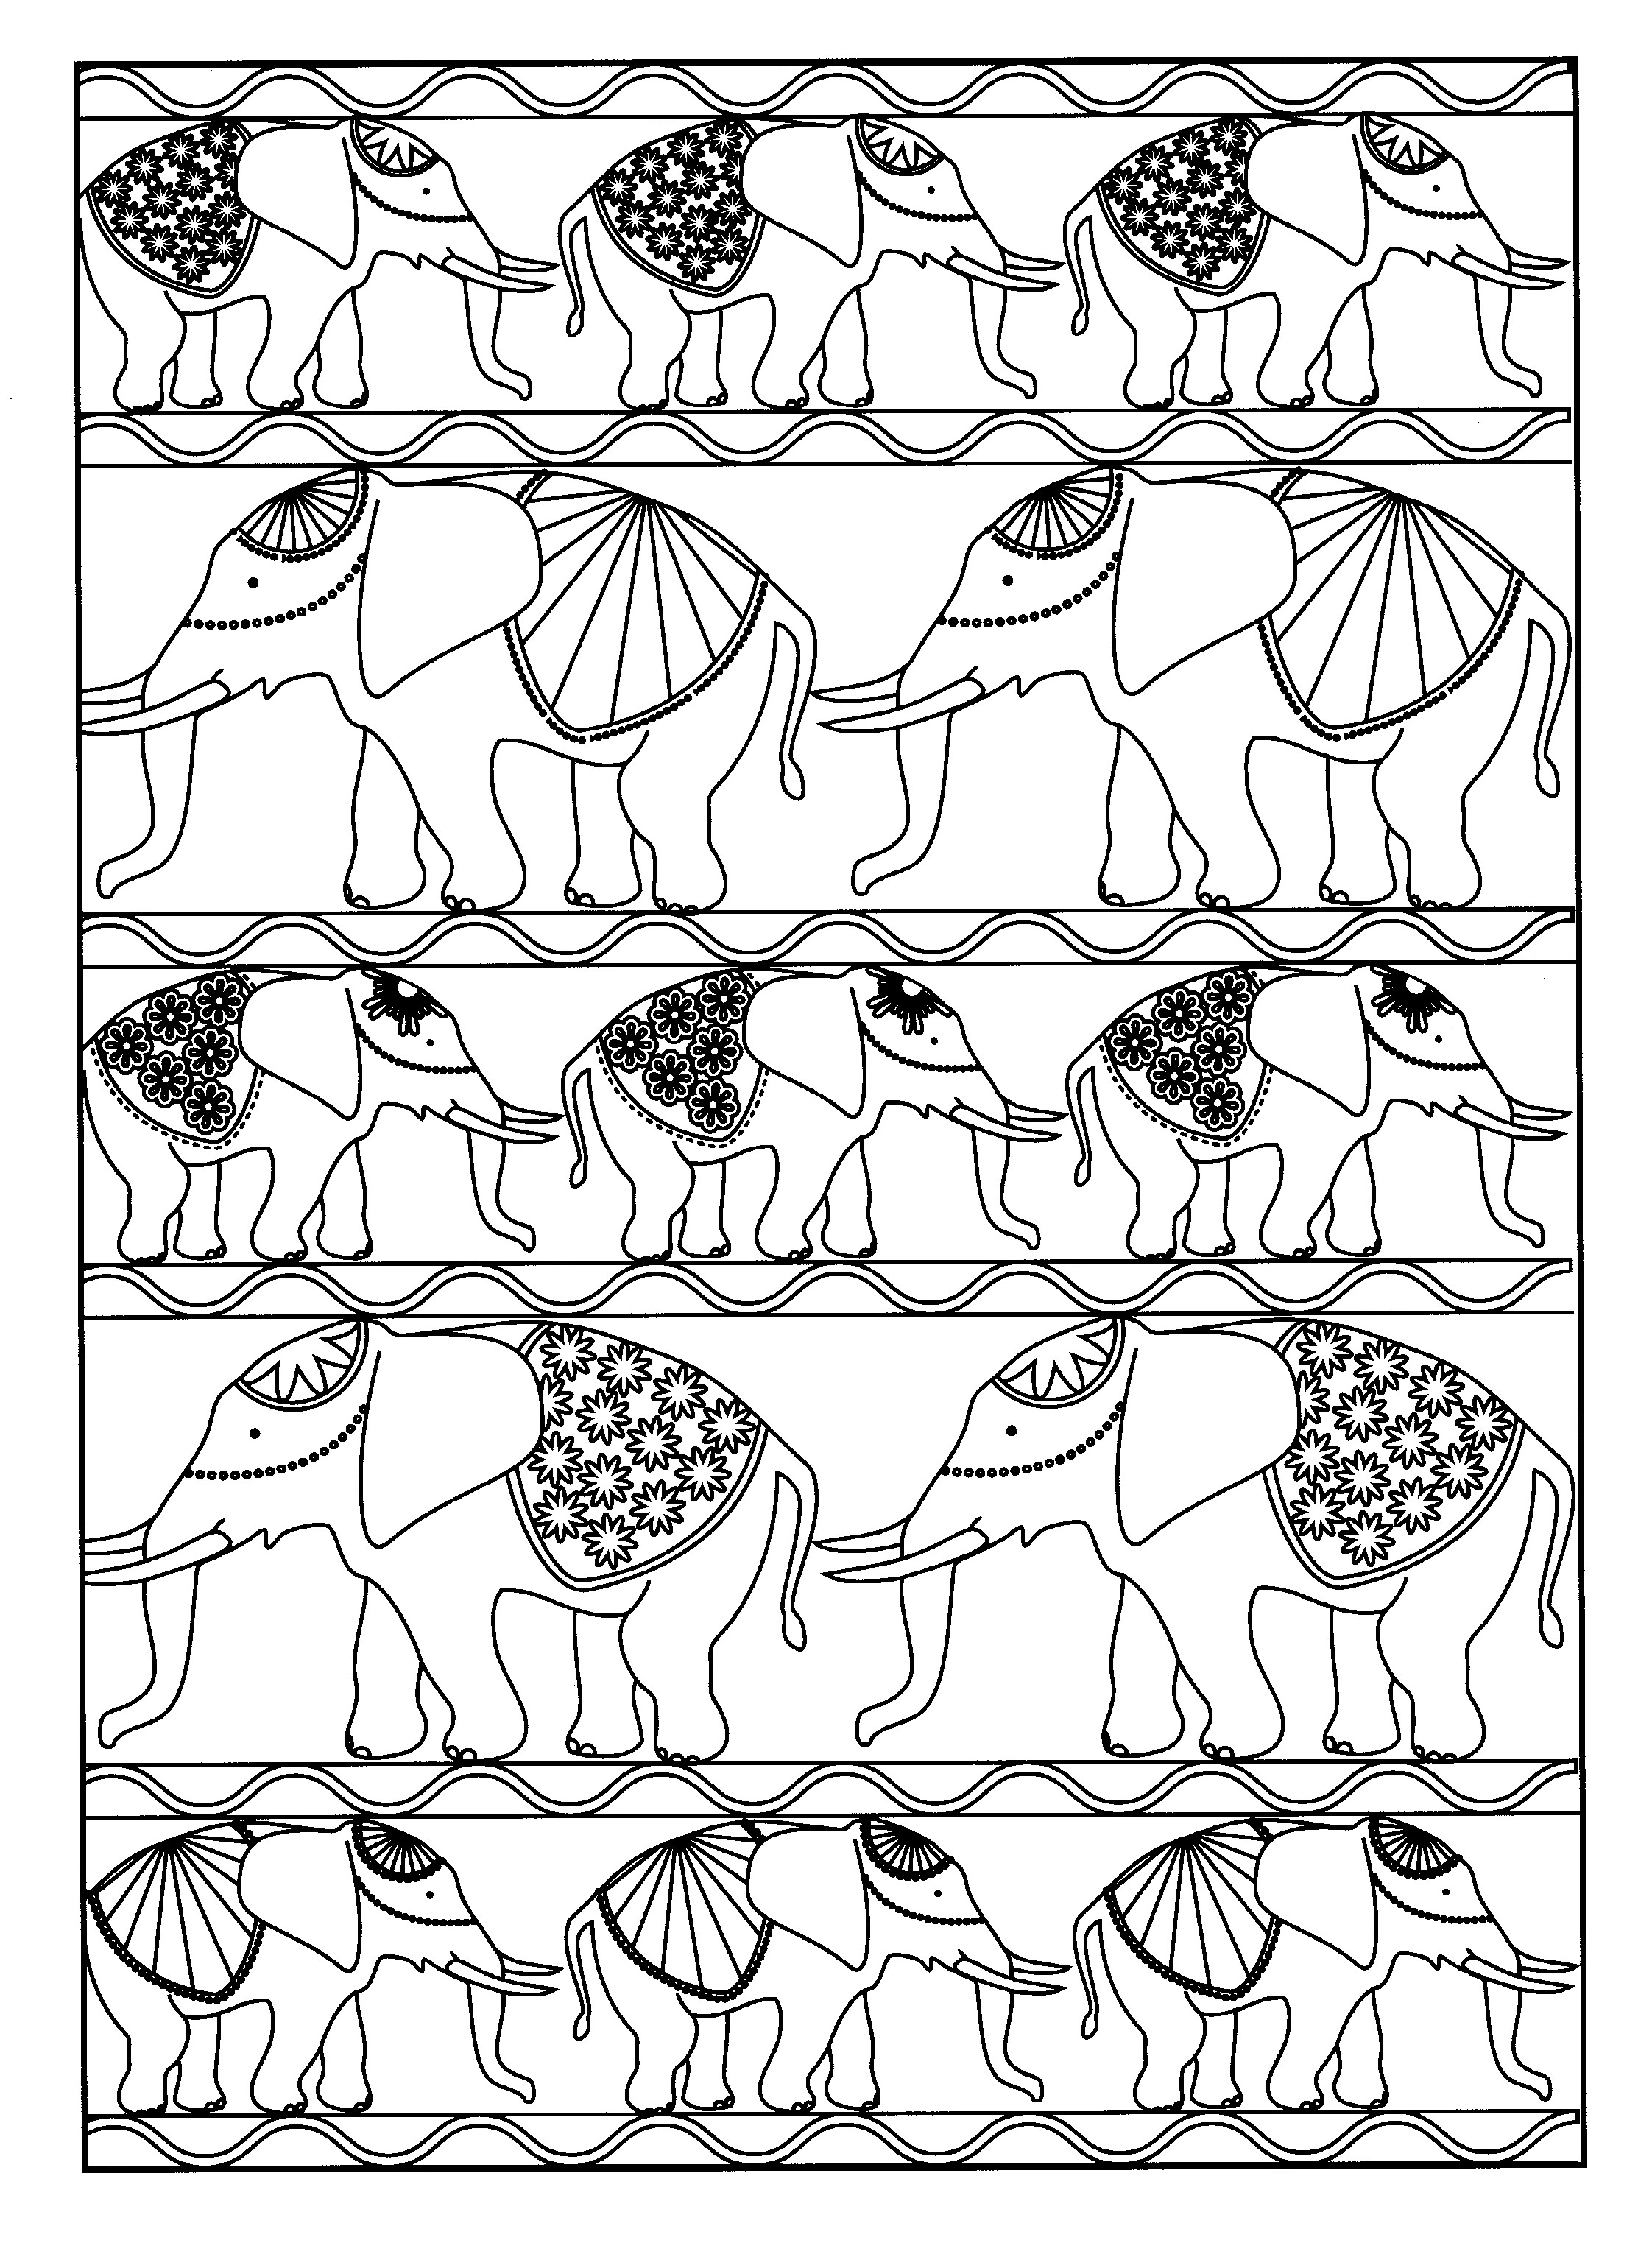 Colorear para adultos  : Elefantes - 6